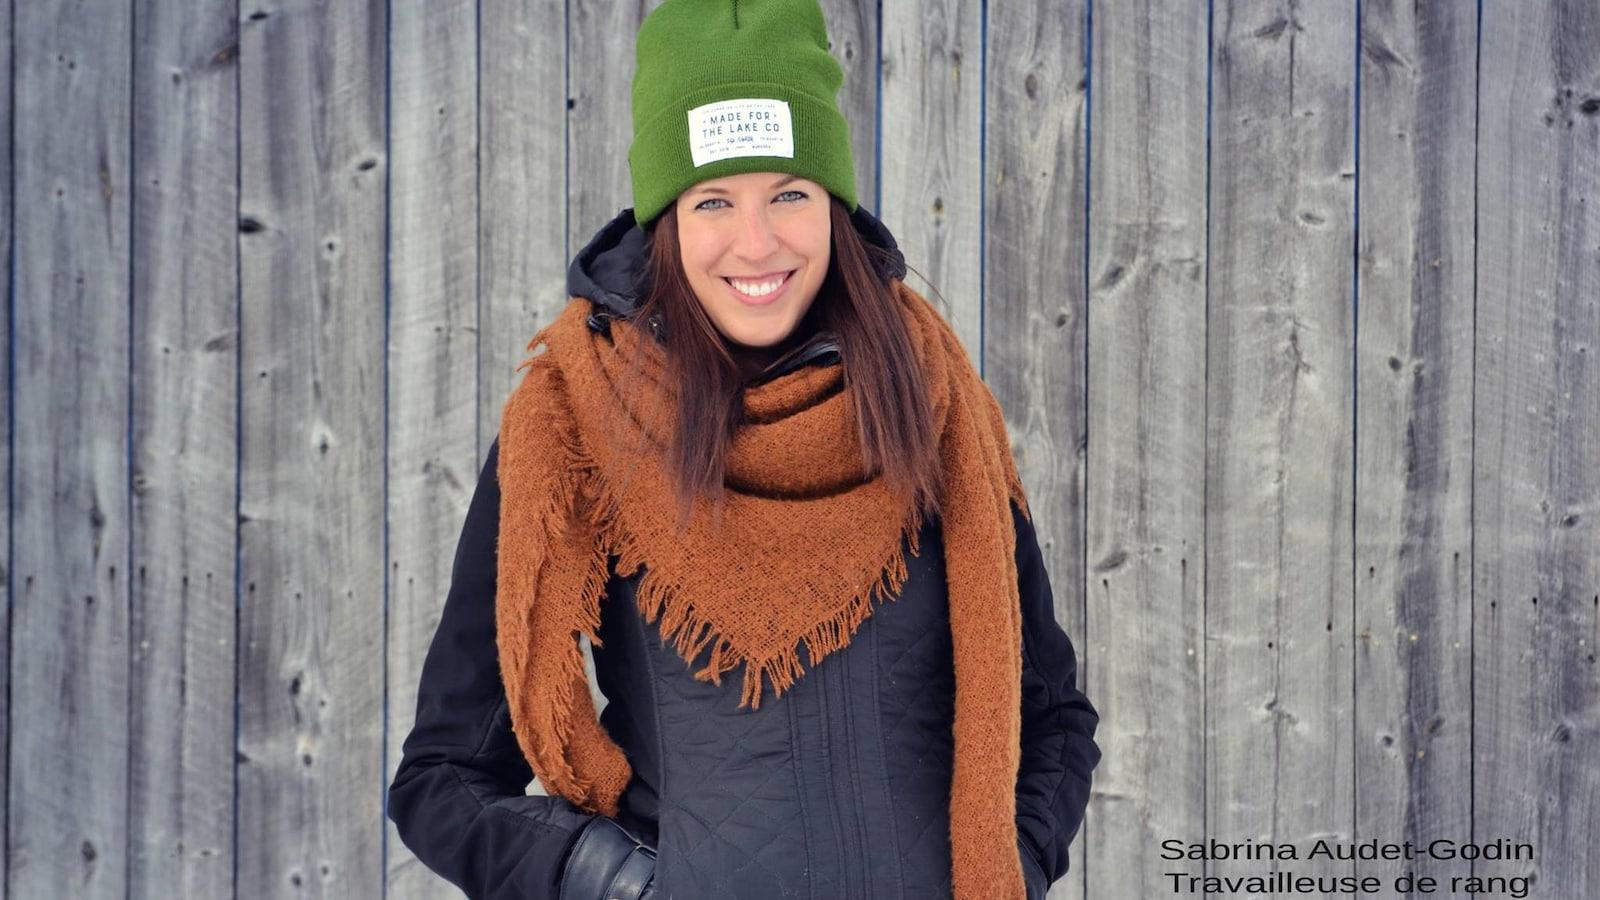 Une femme portant des vêtements d'hiver sourit à la caméra devant un mur de grange.